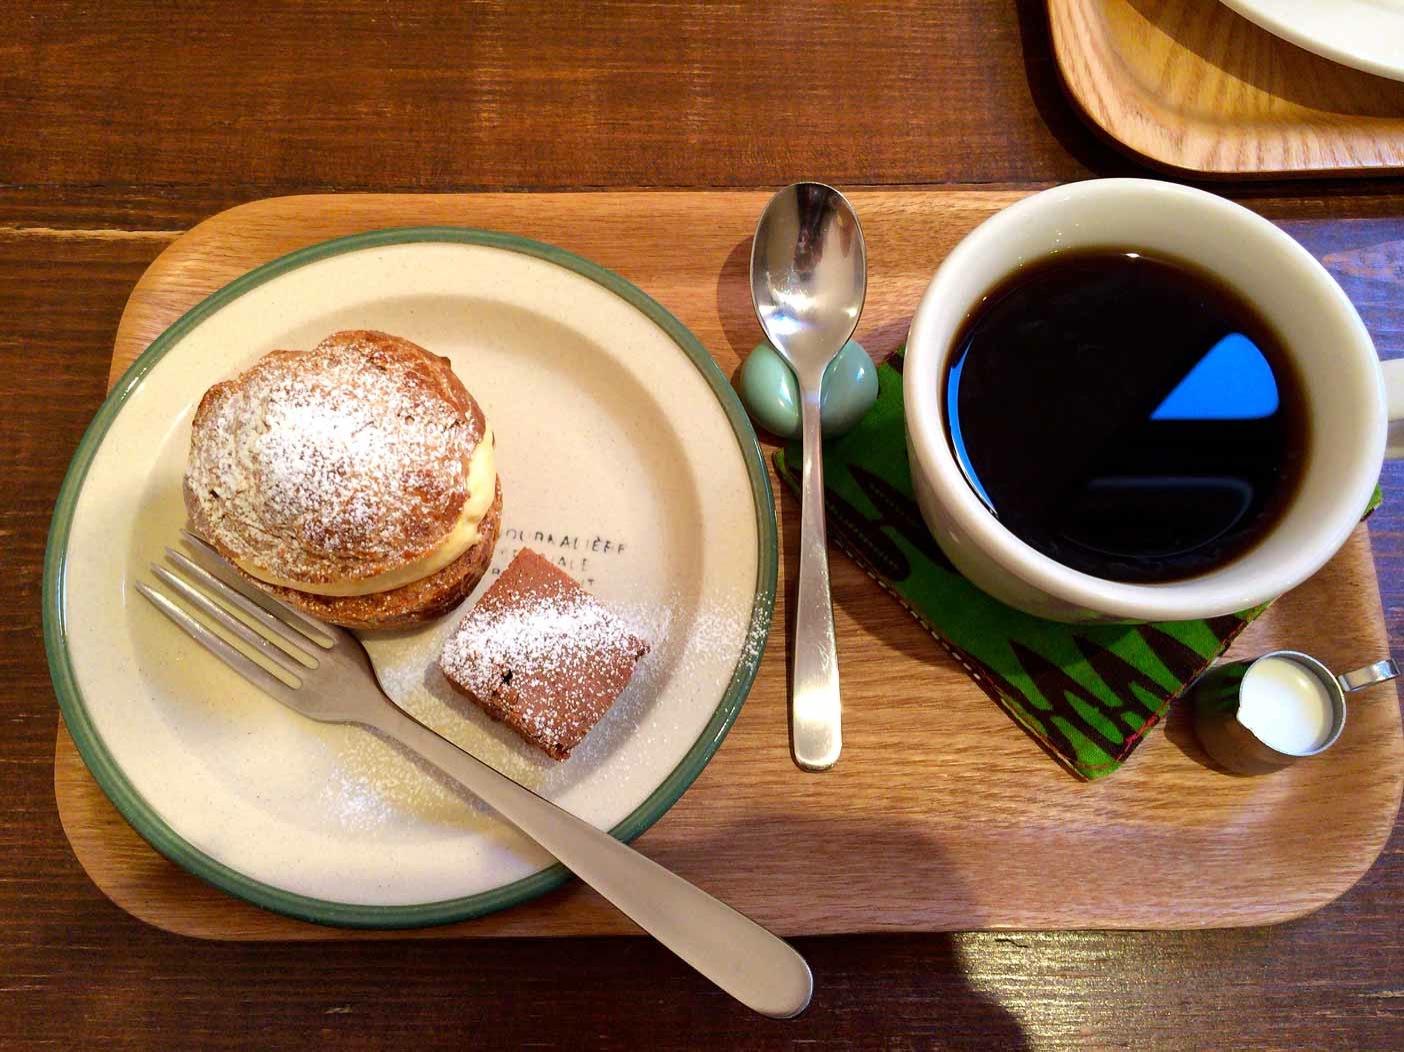 Patapouf cafe okazaki008